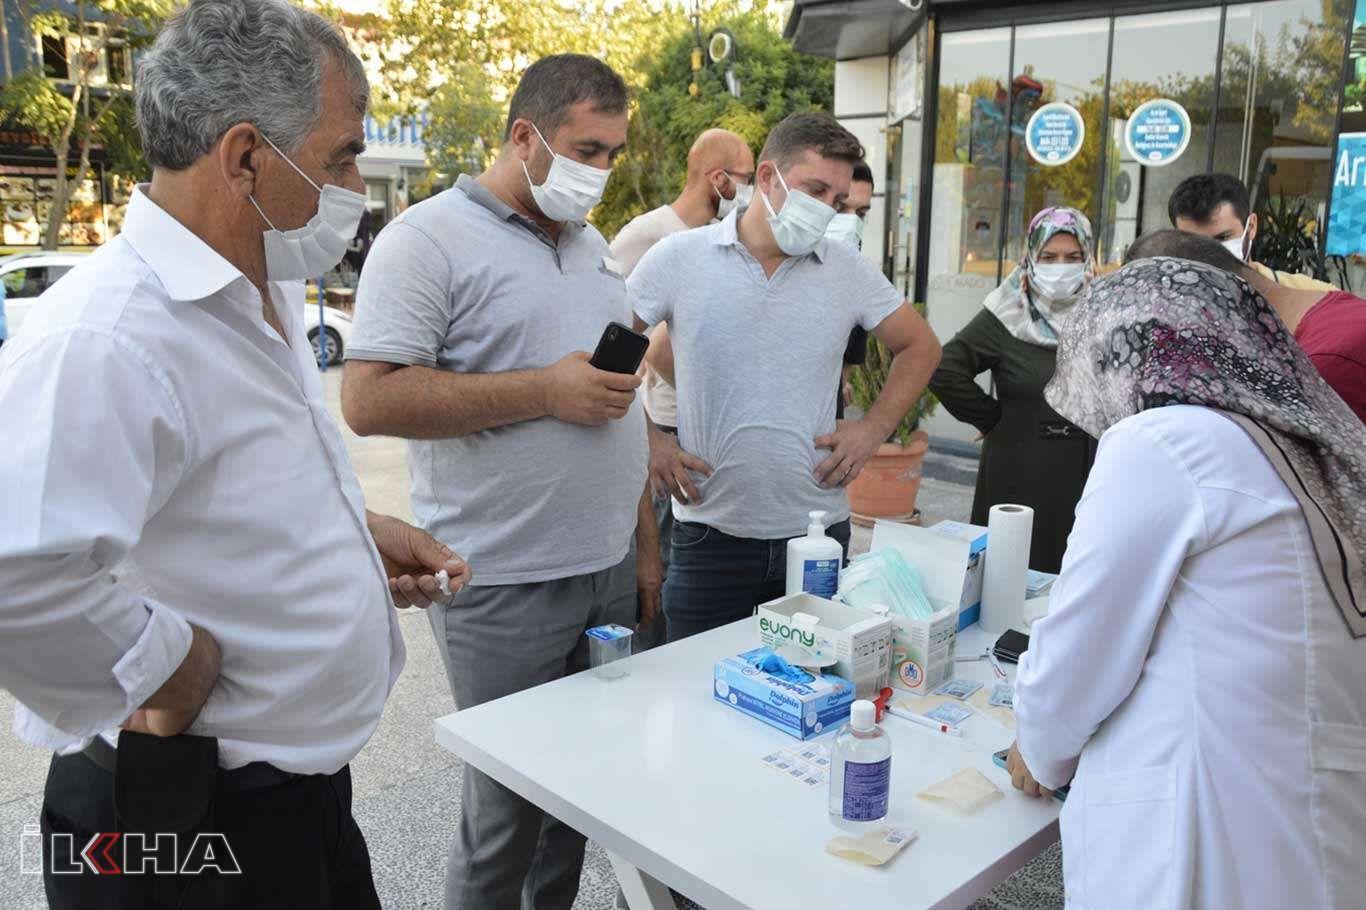 Hastanede virüs kapma endişesi taşıyanlar aşı çadırlarını tercih ediyor